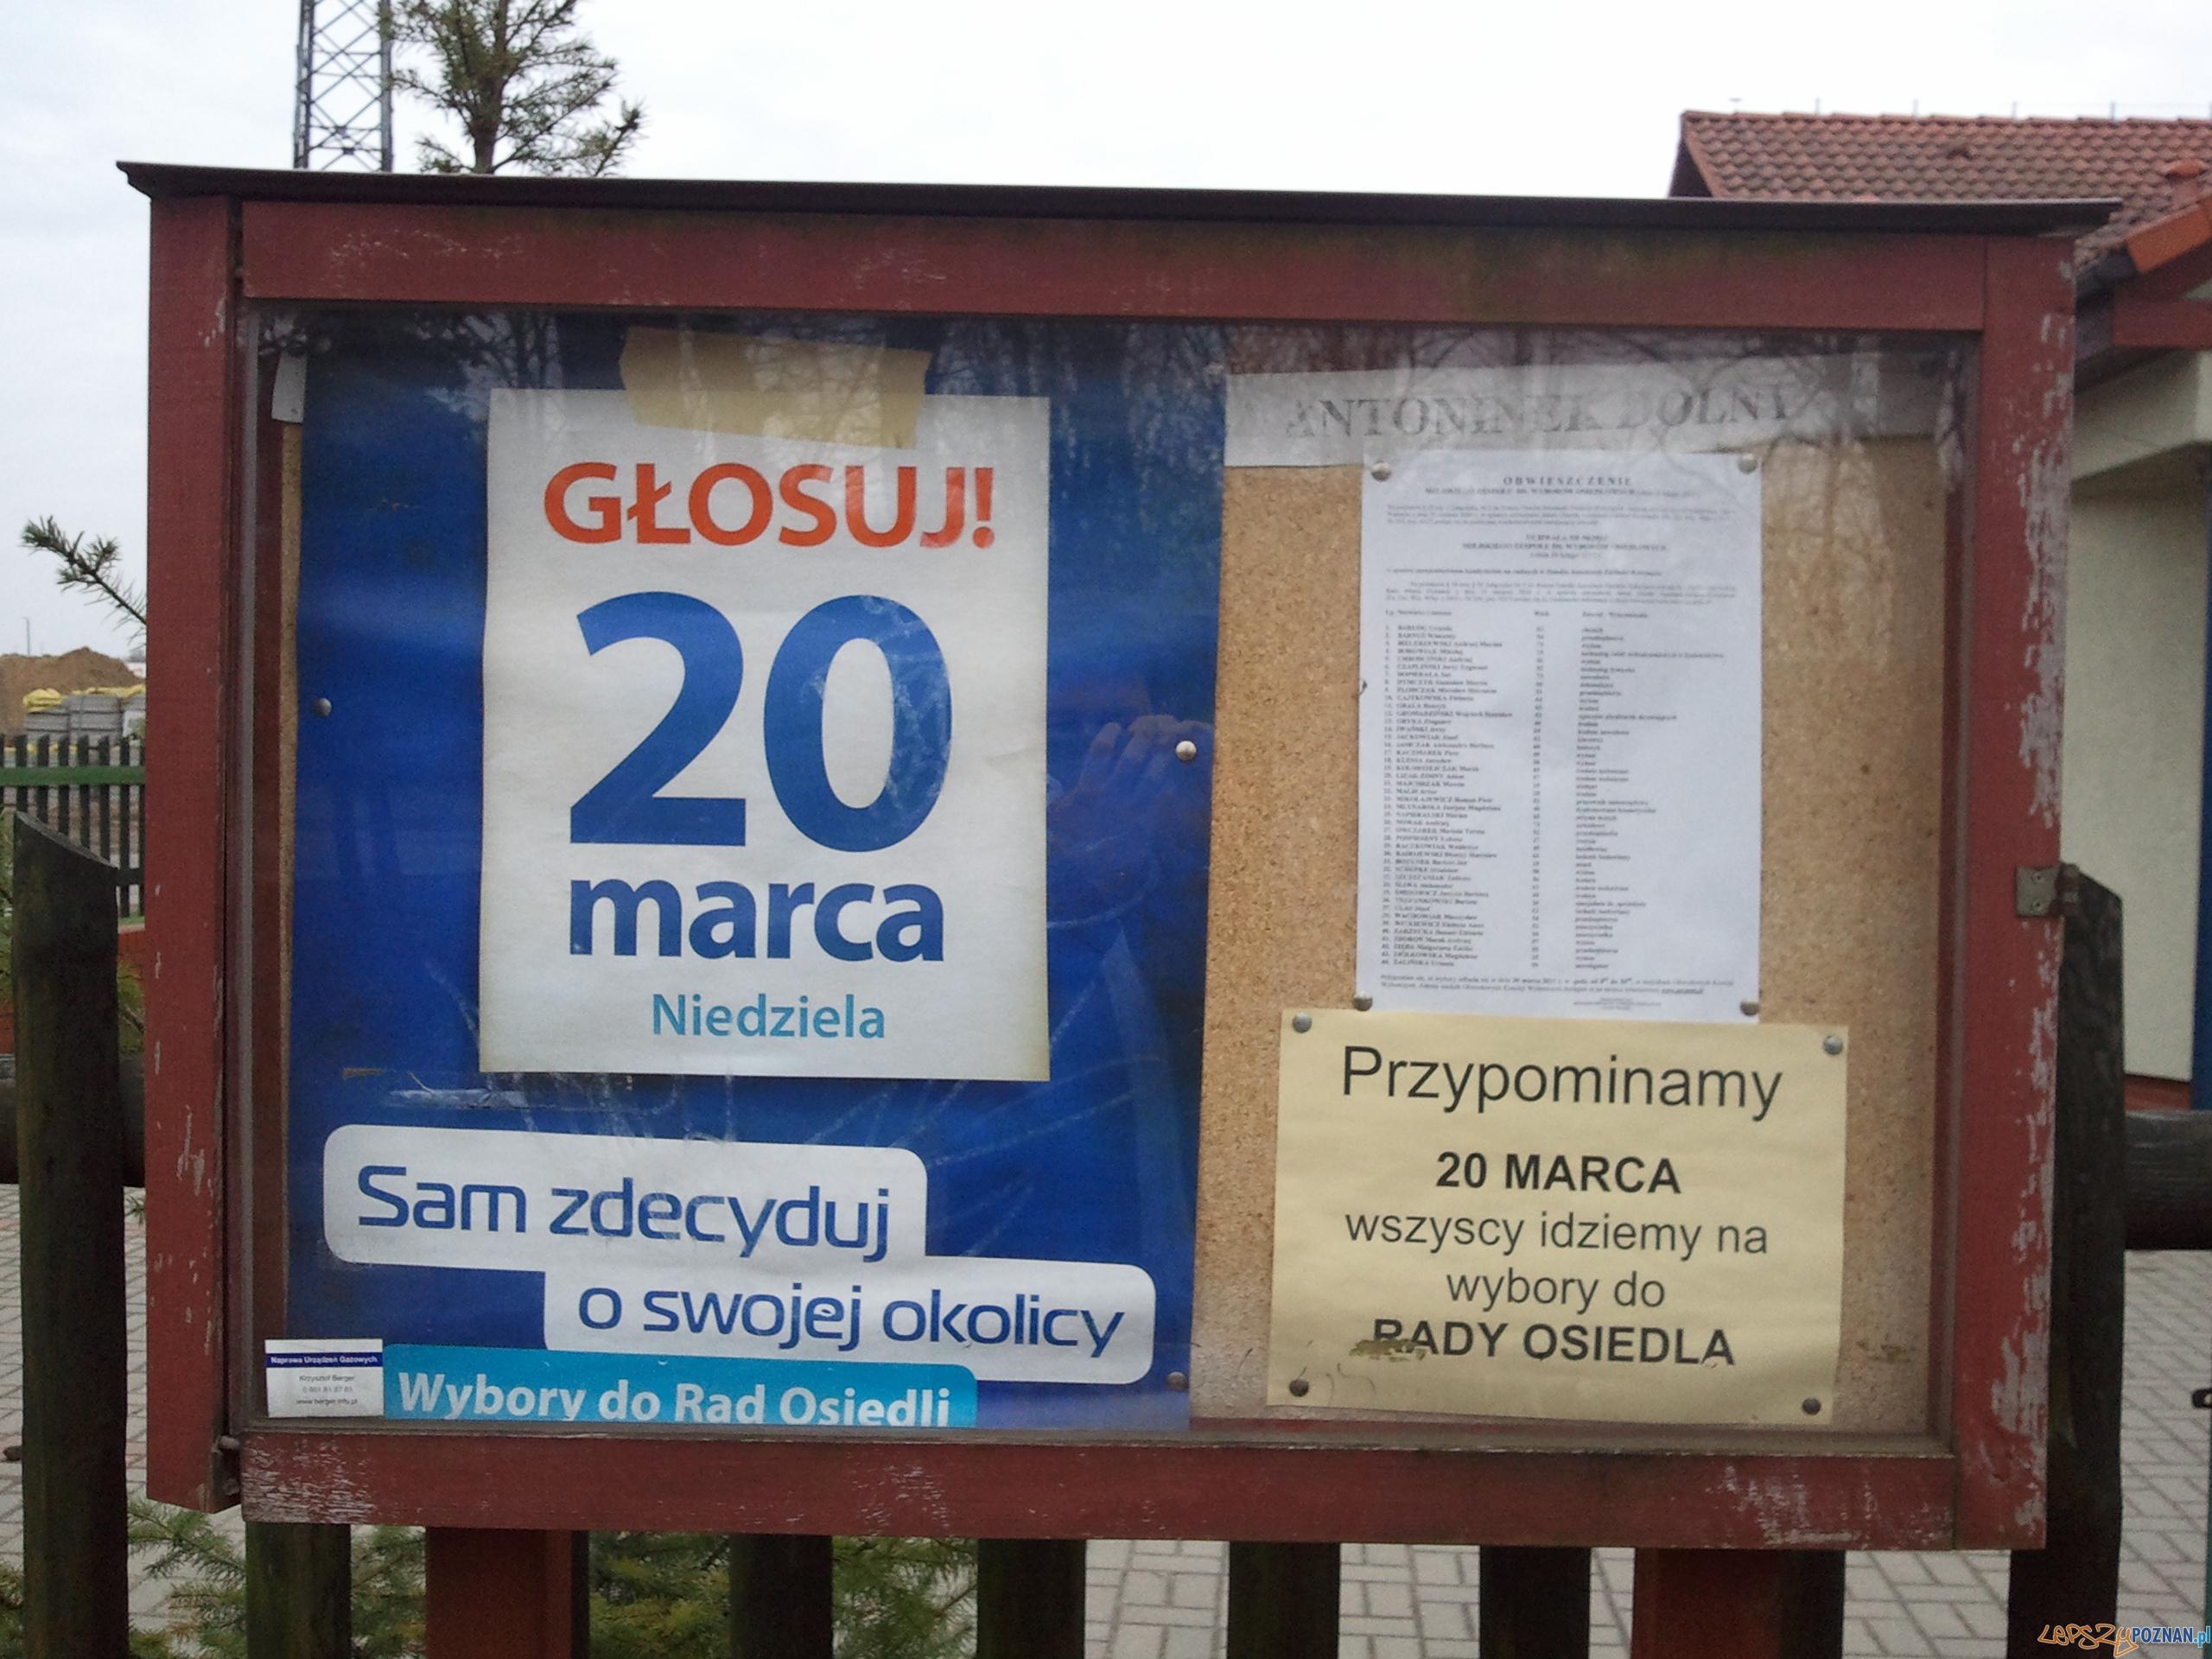 Właśnie tutaj mogłyby zawisnąć komunikaty ostrzegające o braku prądu  Foto: lepszyPOZNAN.pl / in-door